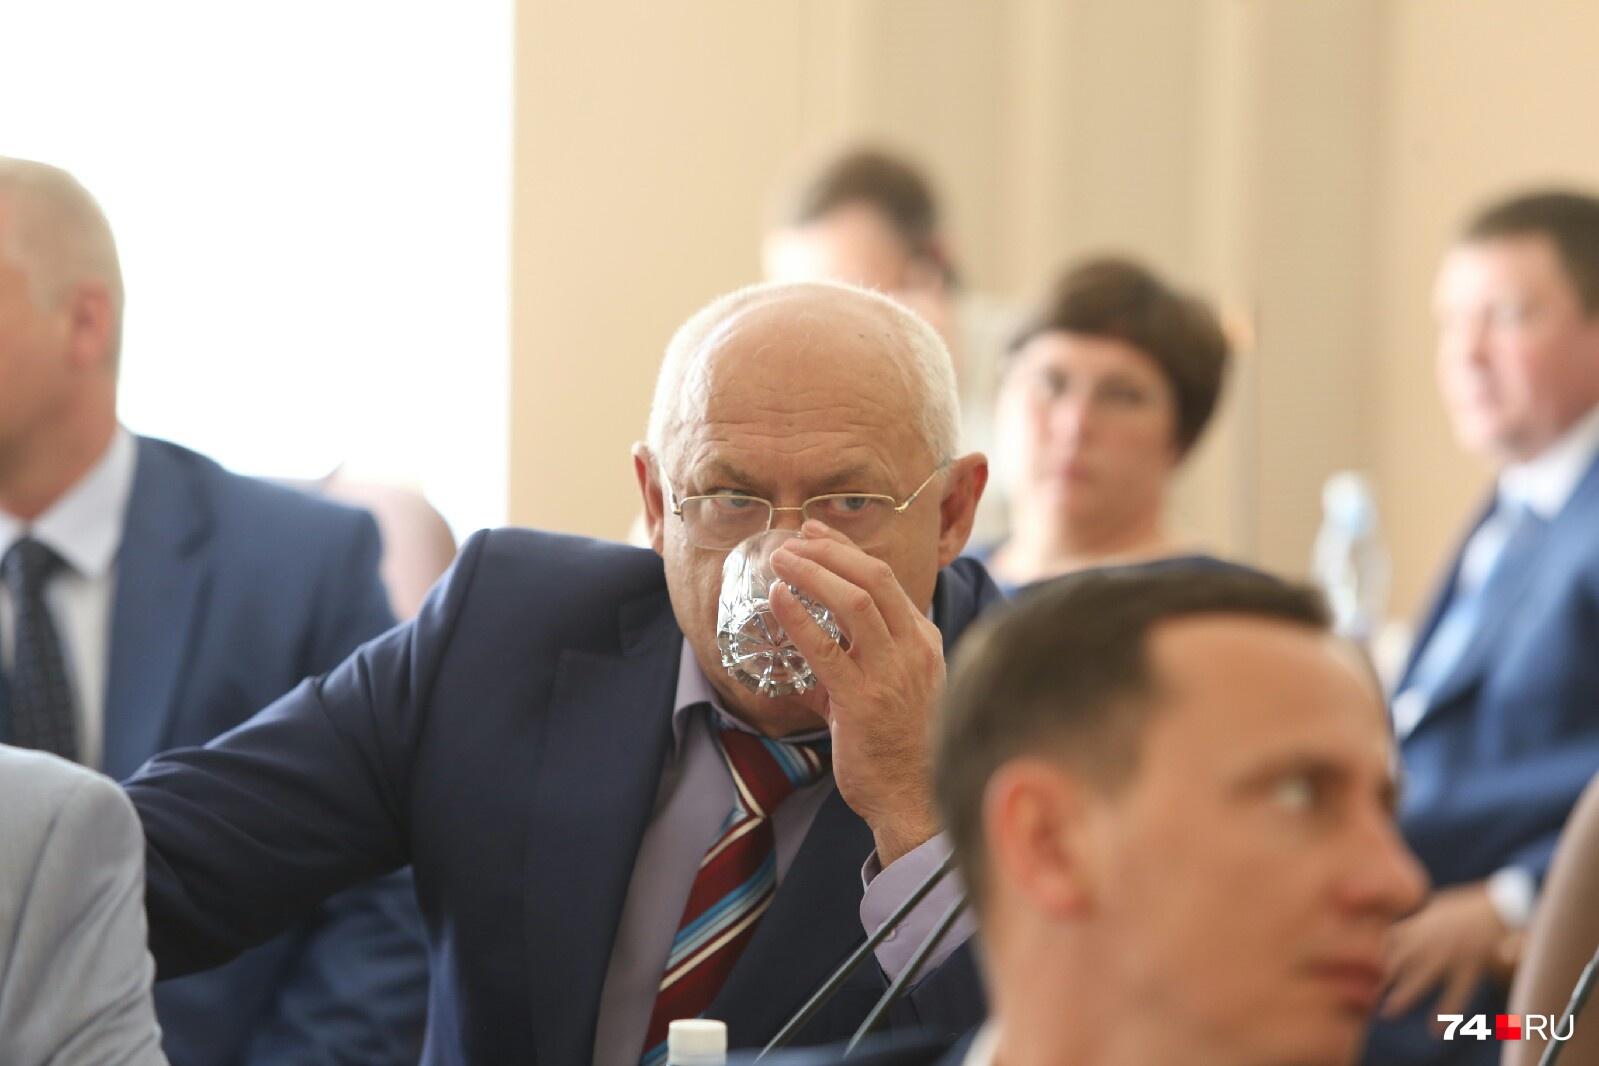 Михаил Вербитский перед важным голосованием решил попить водички